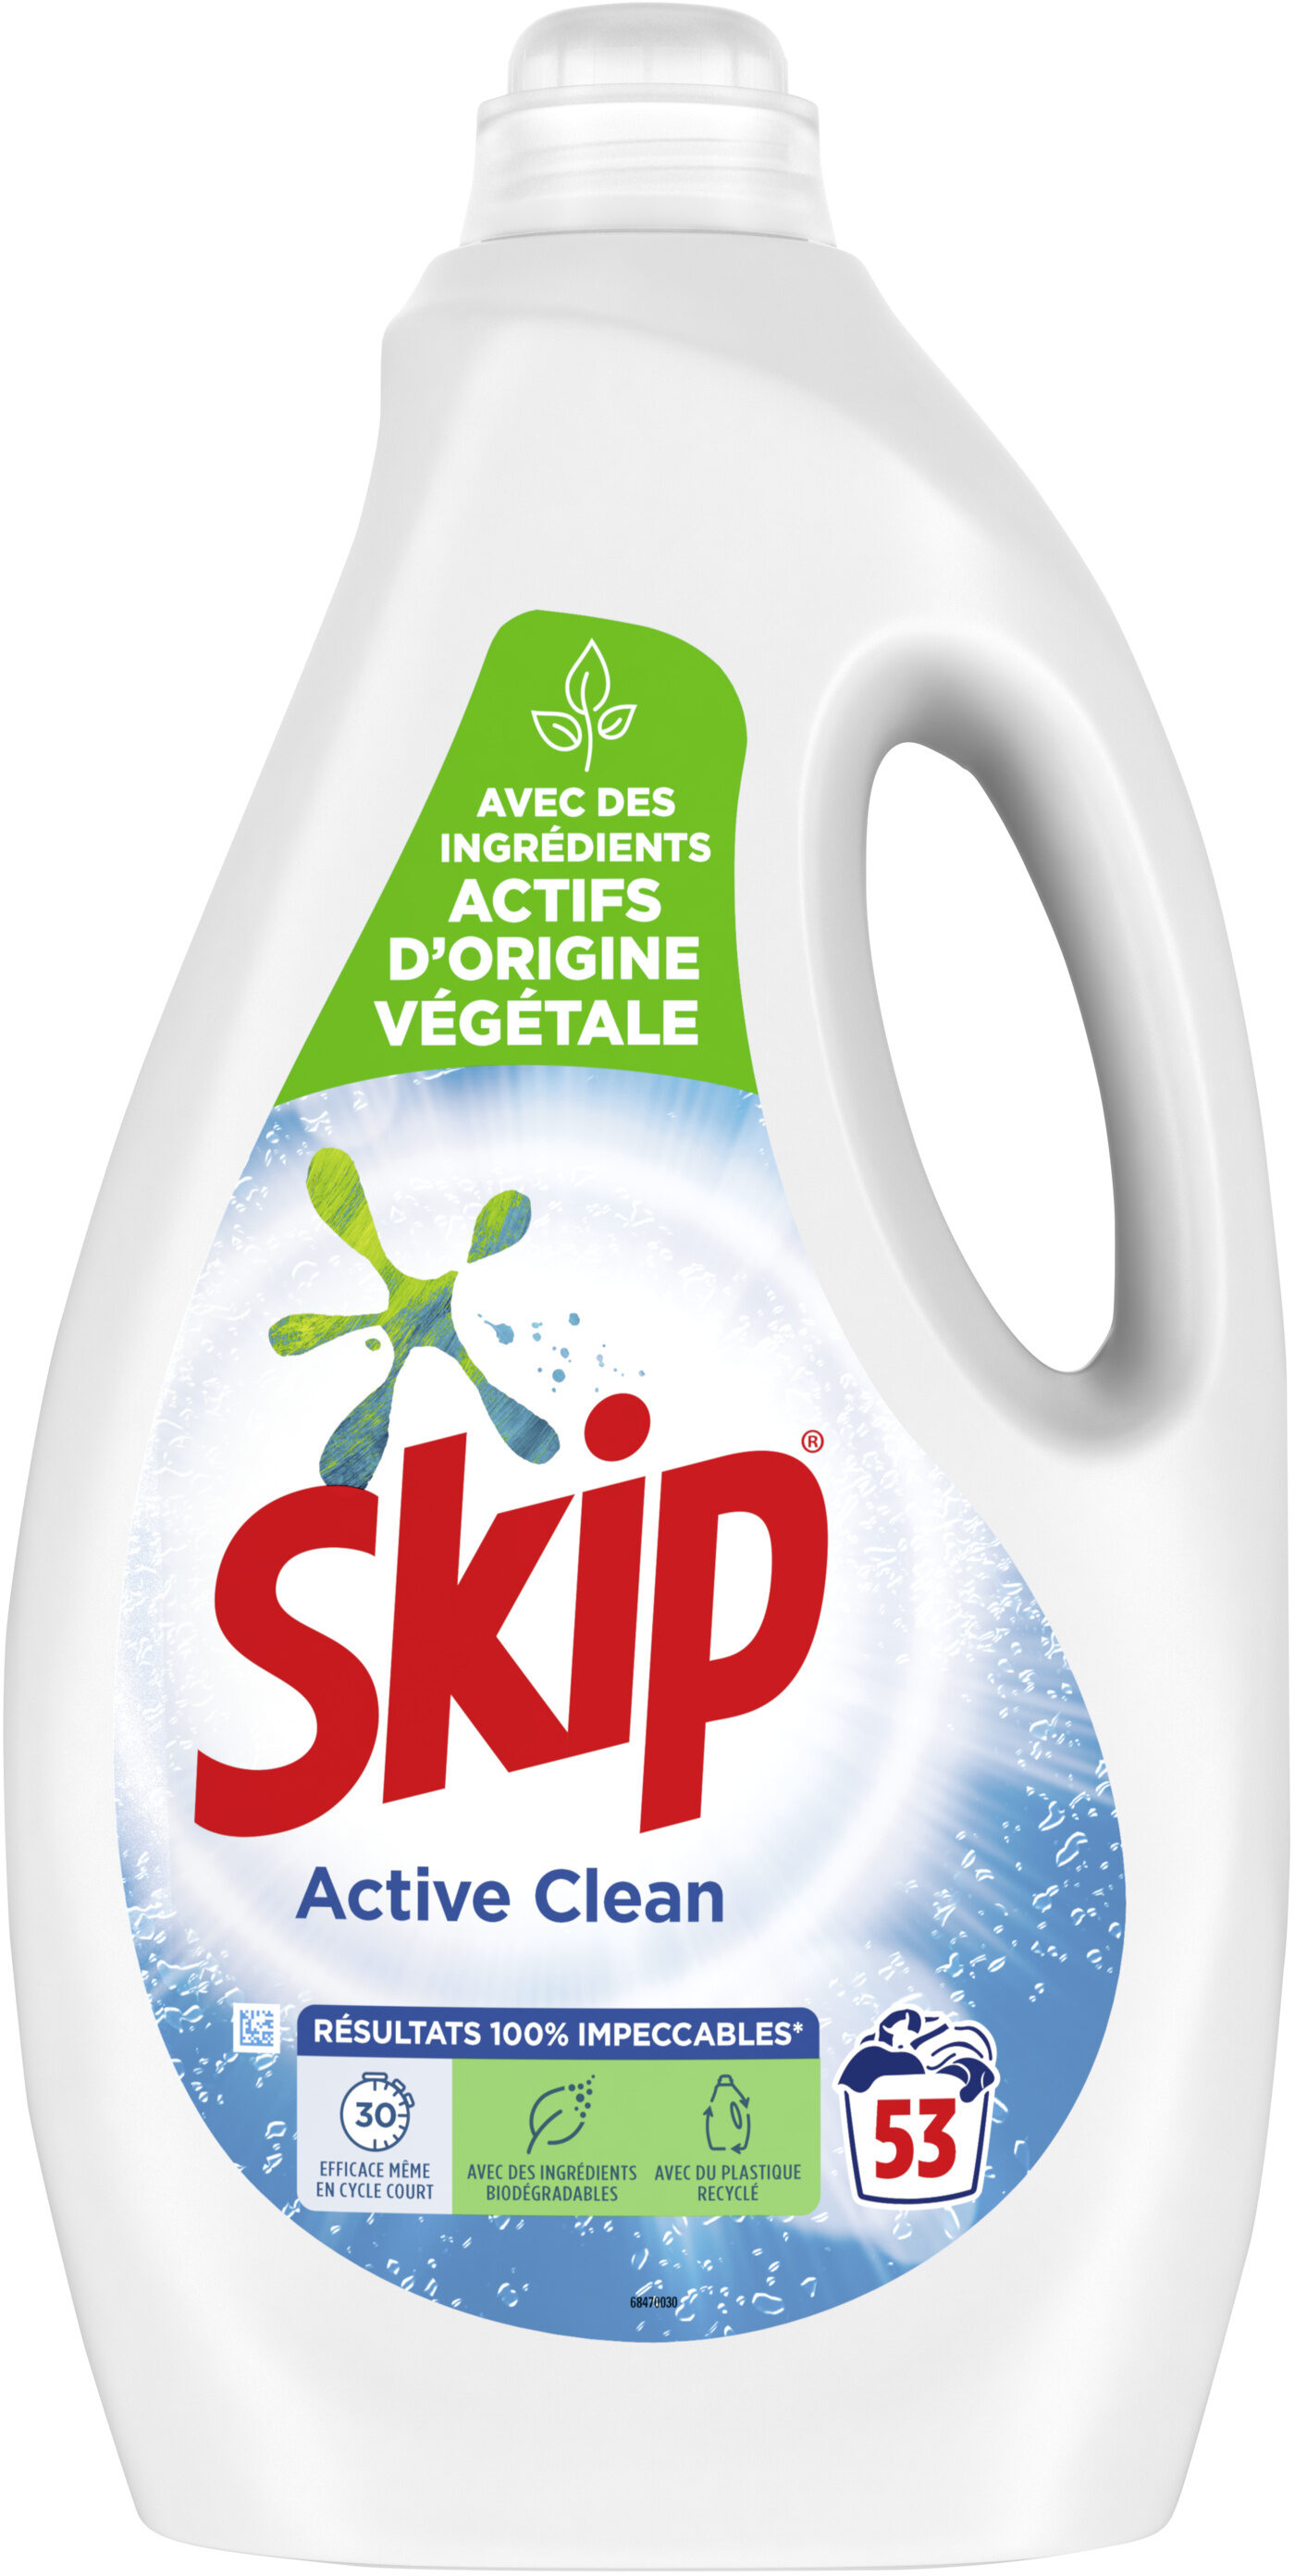 SKIP Lessive Liquide Active Clean 2,65l - 53 Lavages - Product - fr